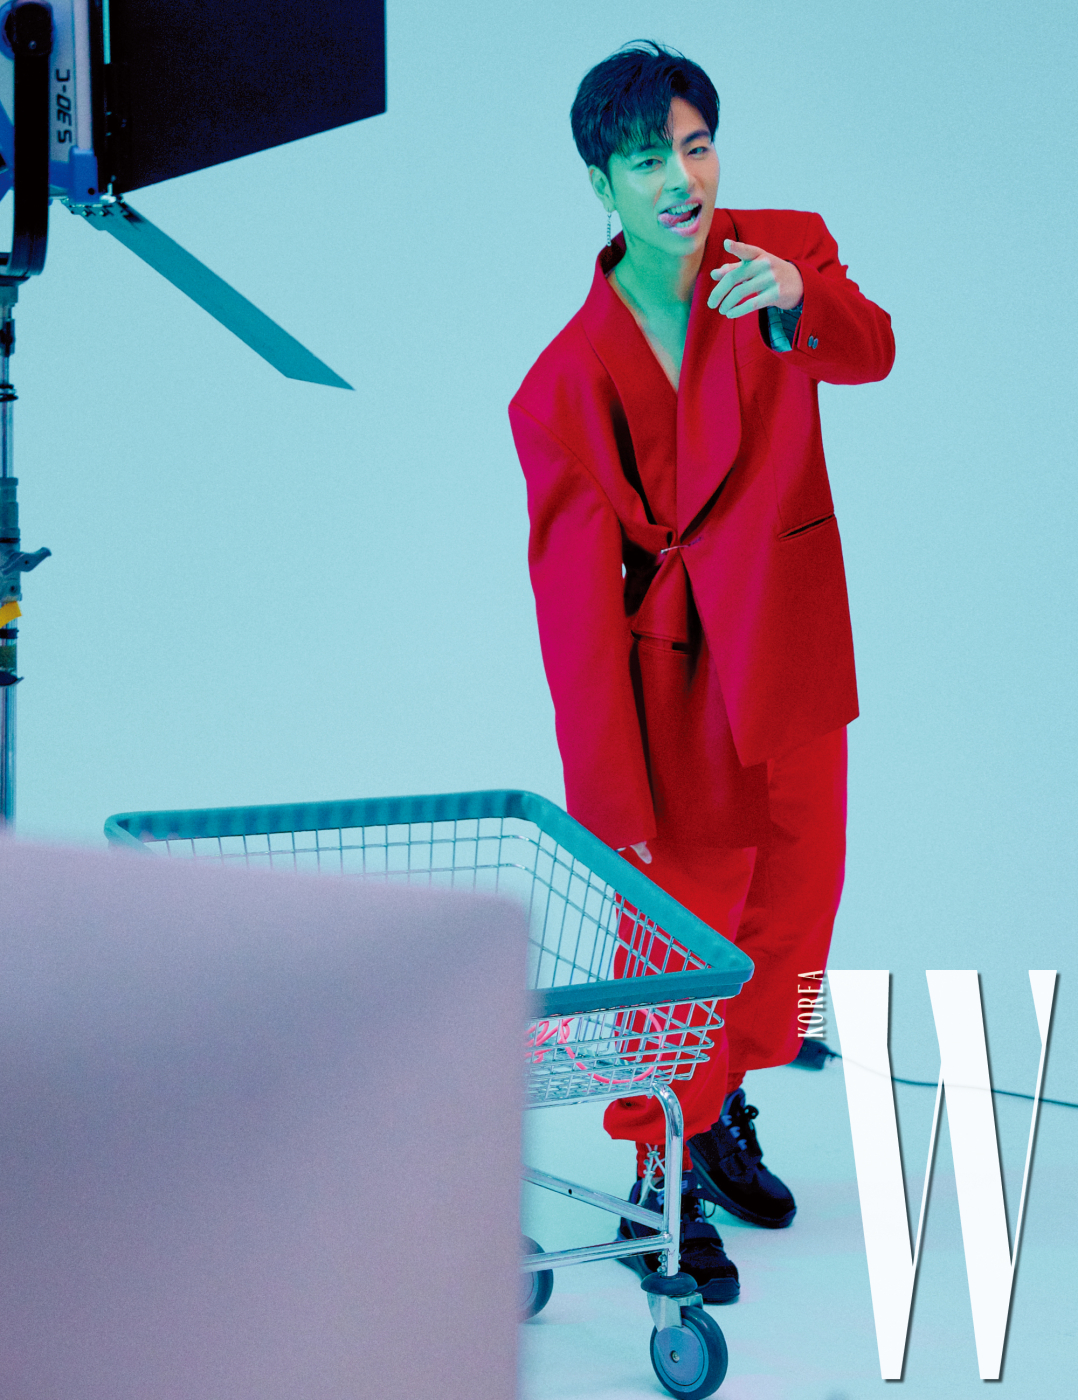 구준회가 착용한 붉은색 테일러드 재킷은 Ordinary People, 팬츠는 MSKN2ND, 슈즈는 Prada 제품.